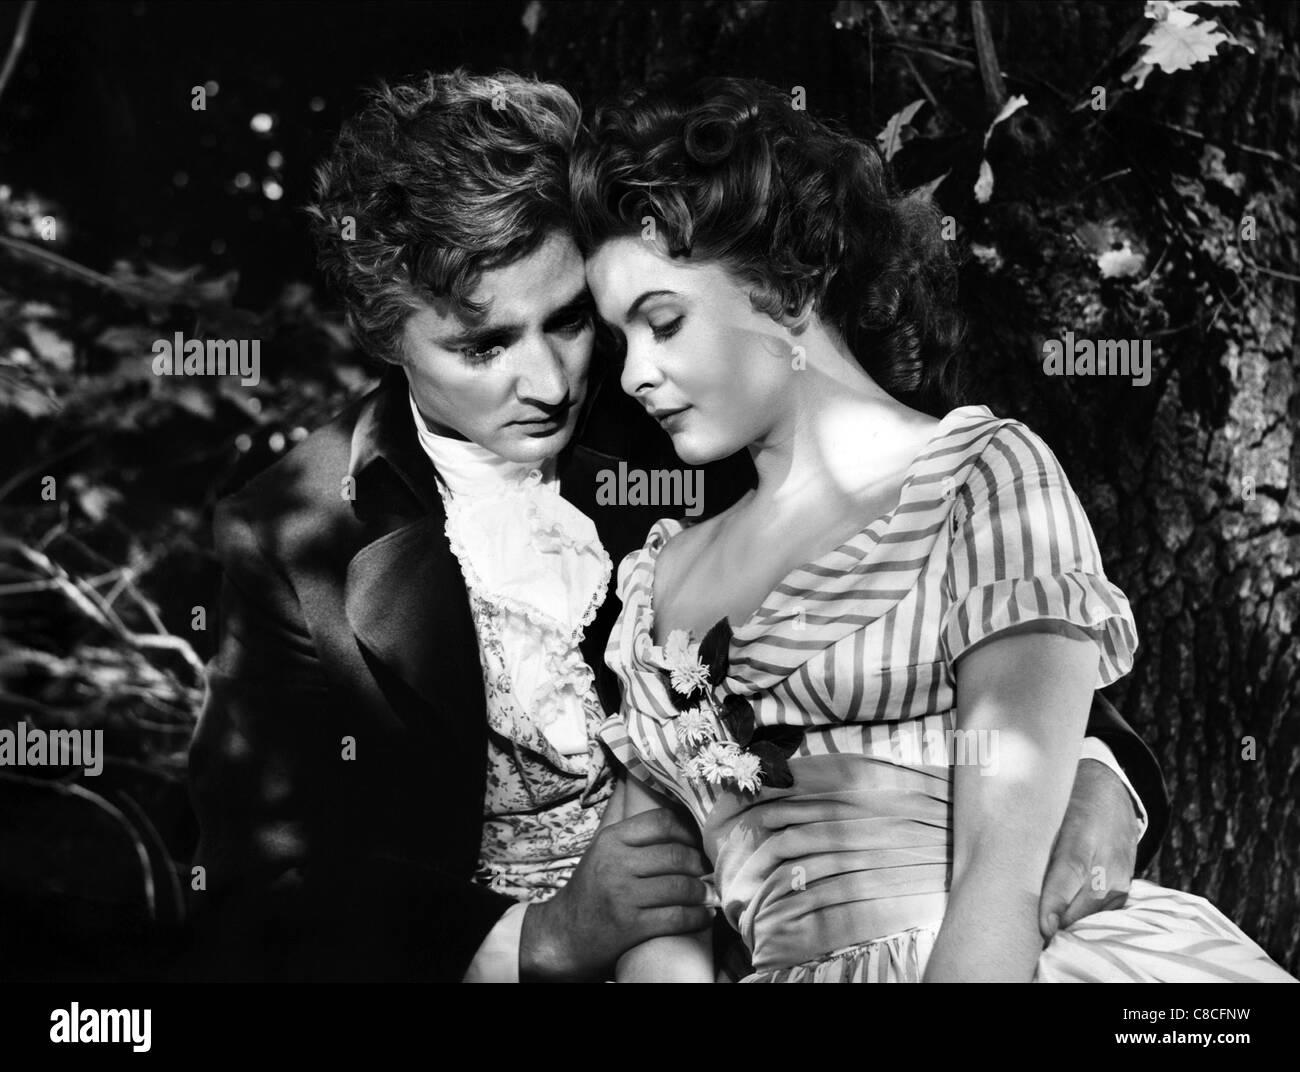 OSKAR WERNER & JOHANNA MATZ MOZART (1955) - Stock Image